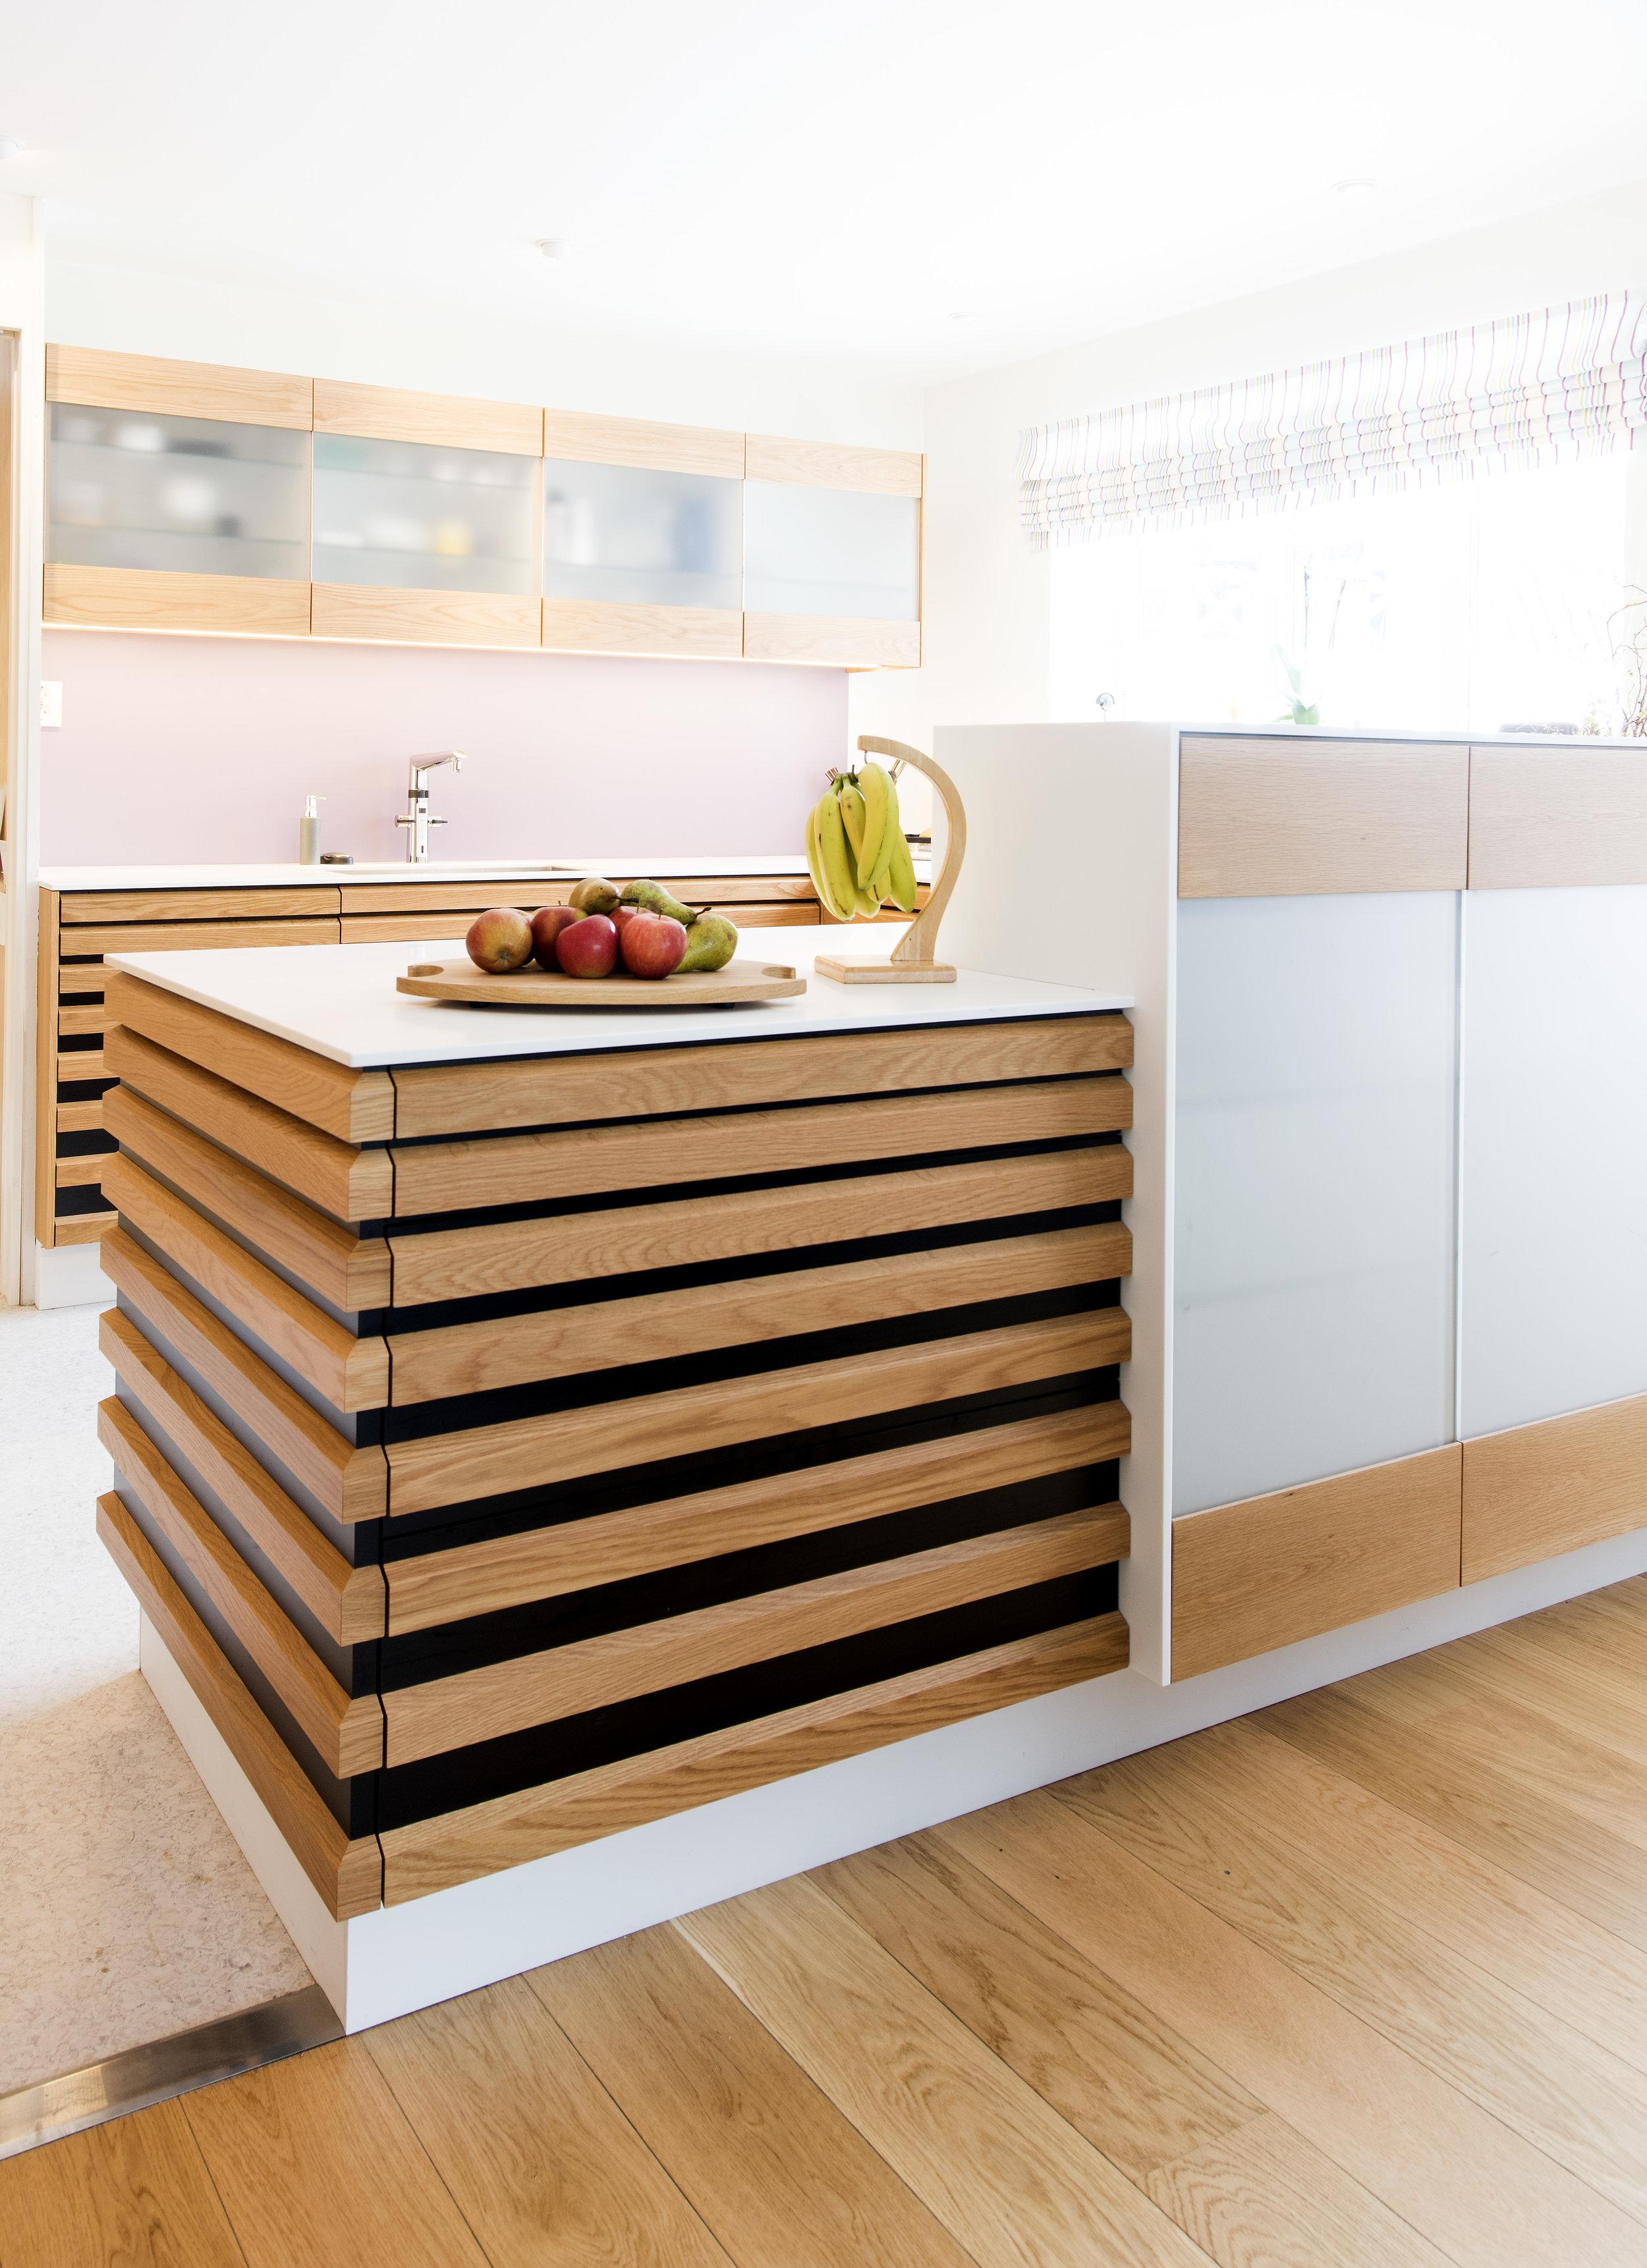 kjøkken-gradert-eikespiler-skreddersydd-tronheim-06.jpg